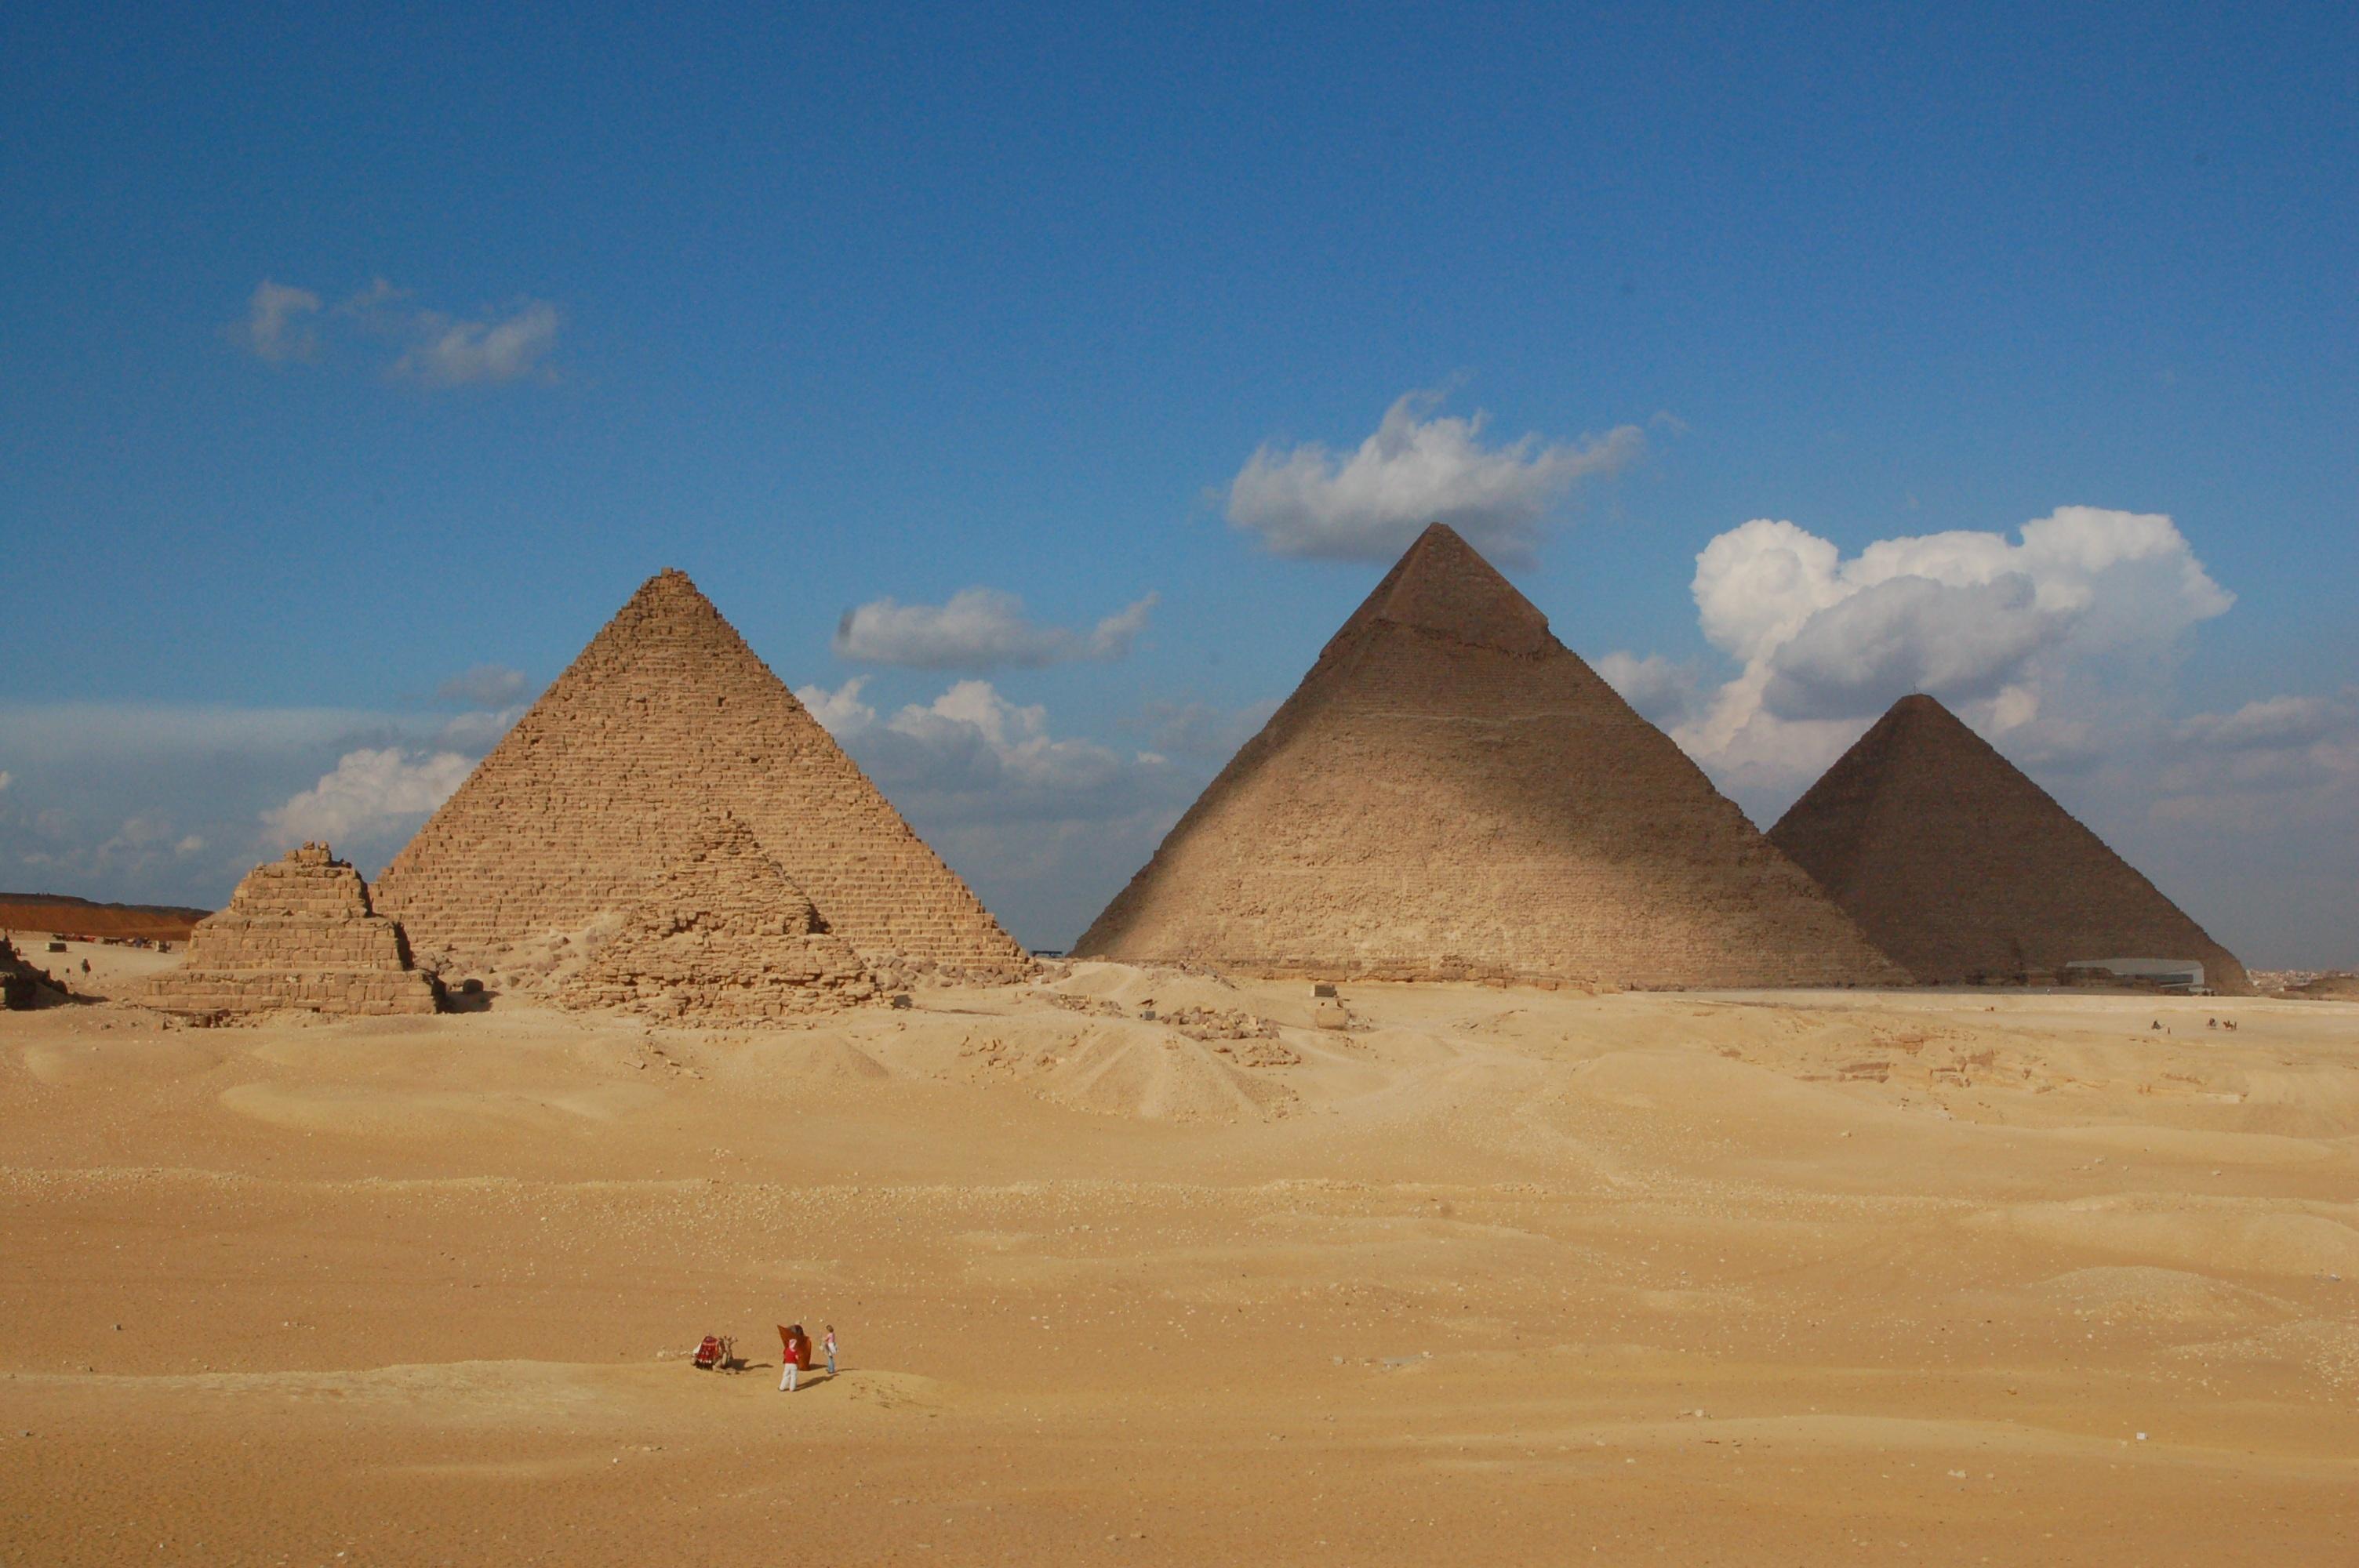 красивые картинки египетские пирамиды